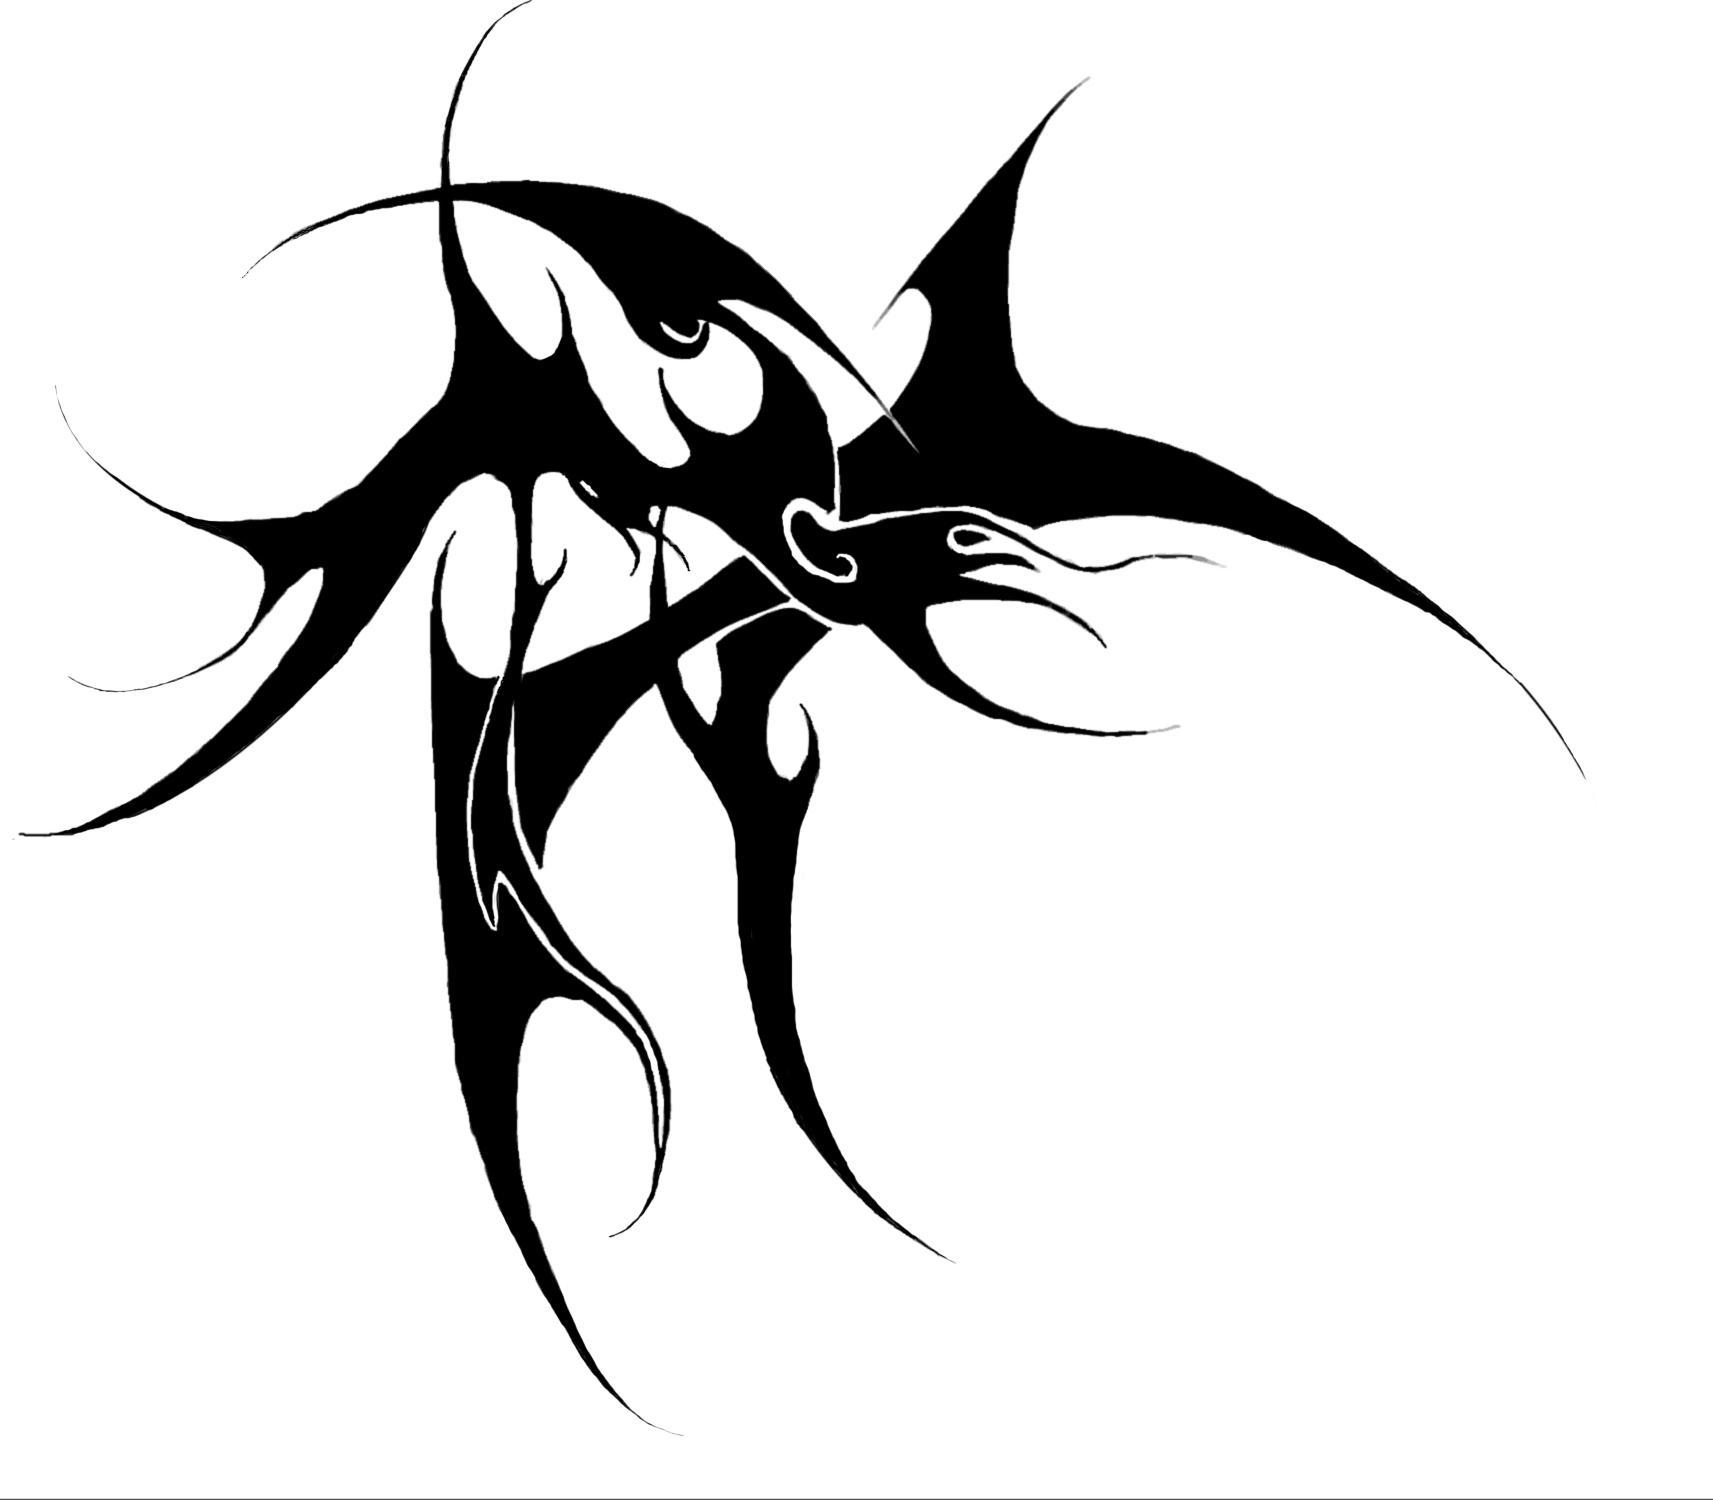 Tribal 2 by DrkVenom